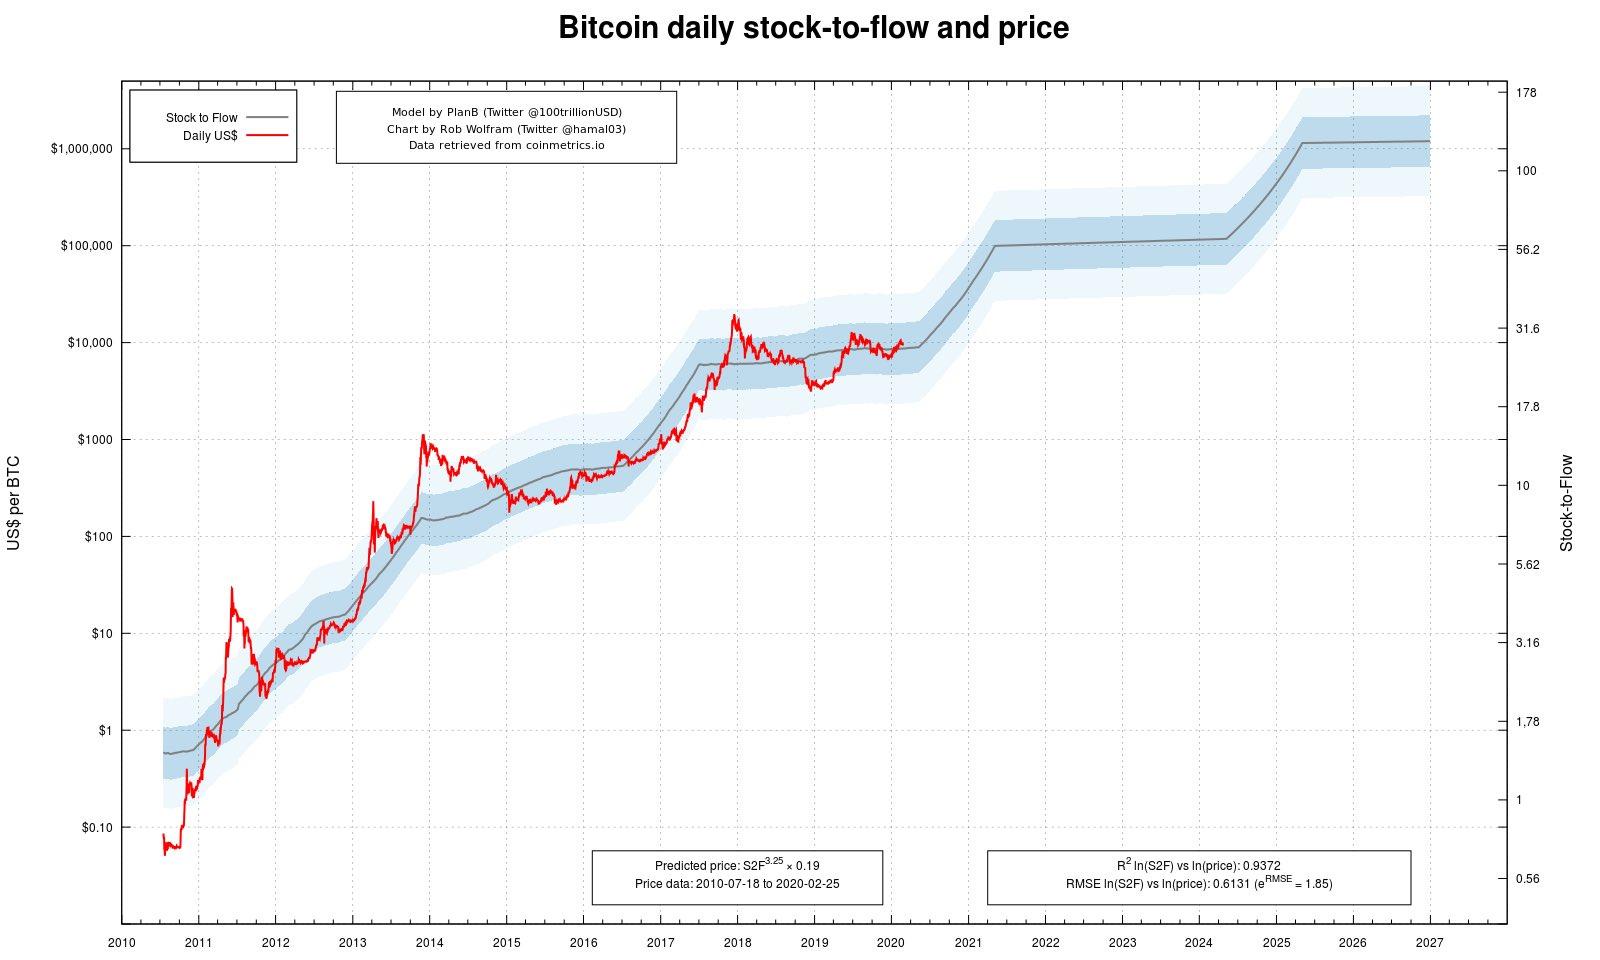 Популярная среди участников криптосообщества S2F-модель прогнозирования курса биткоина